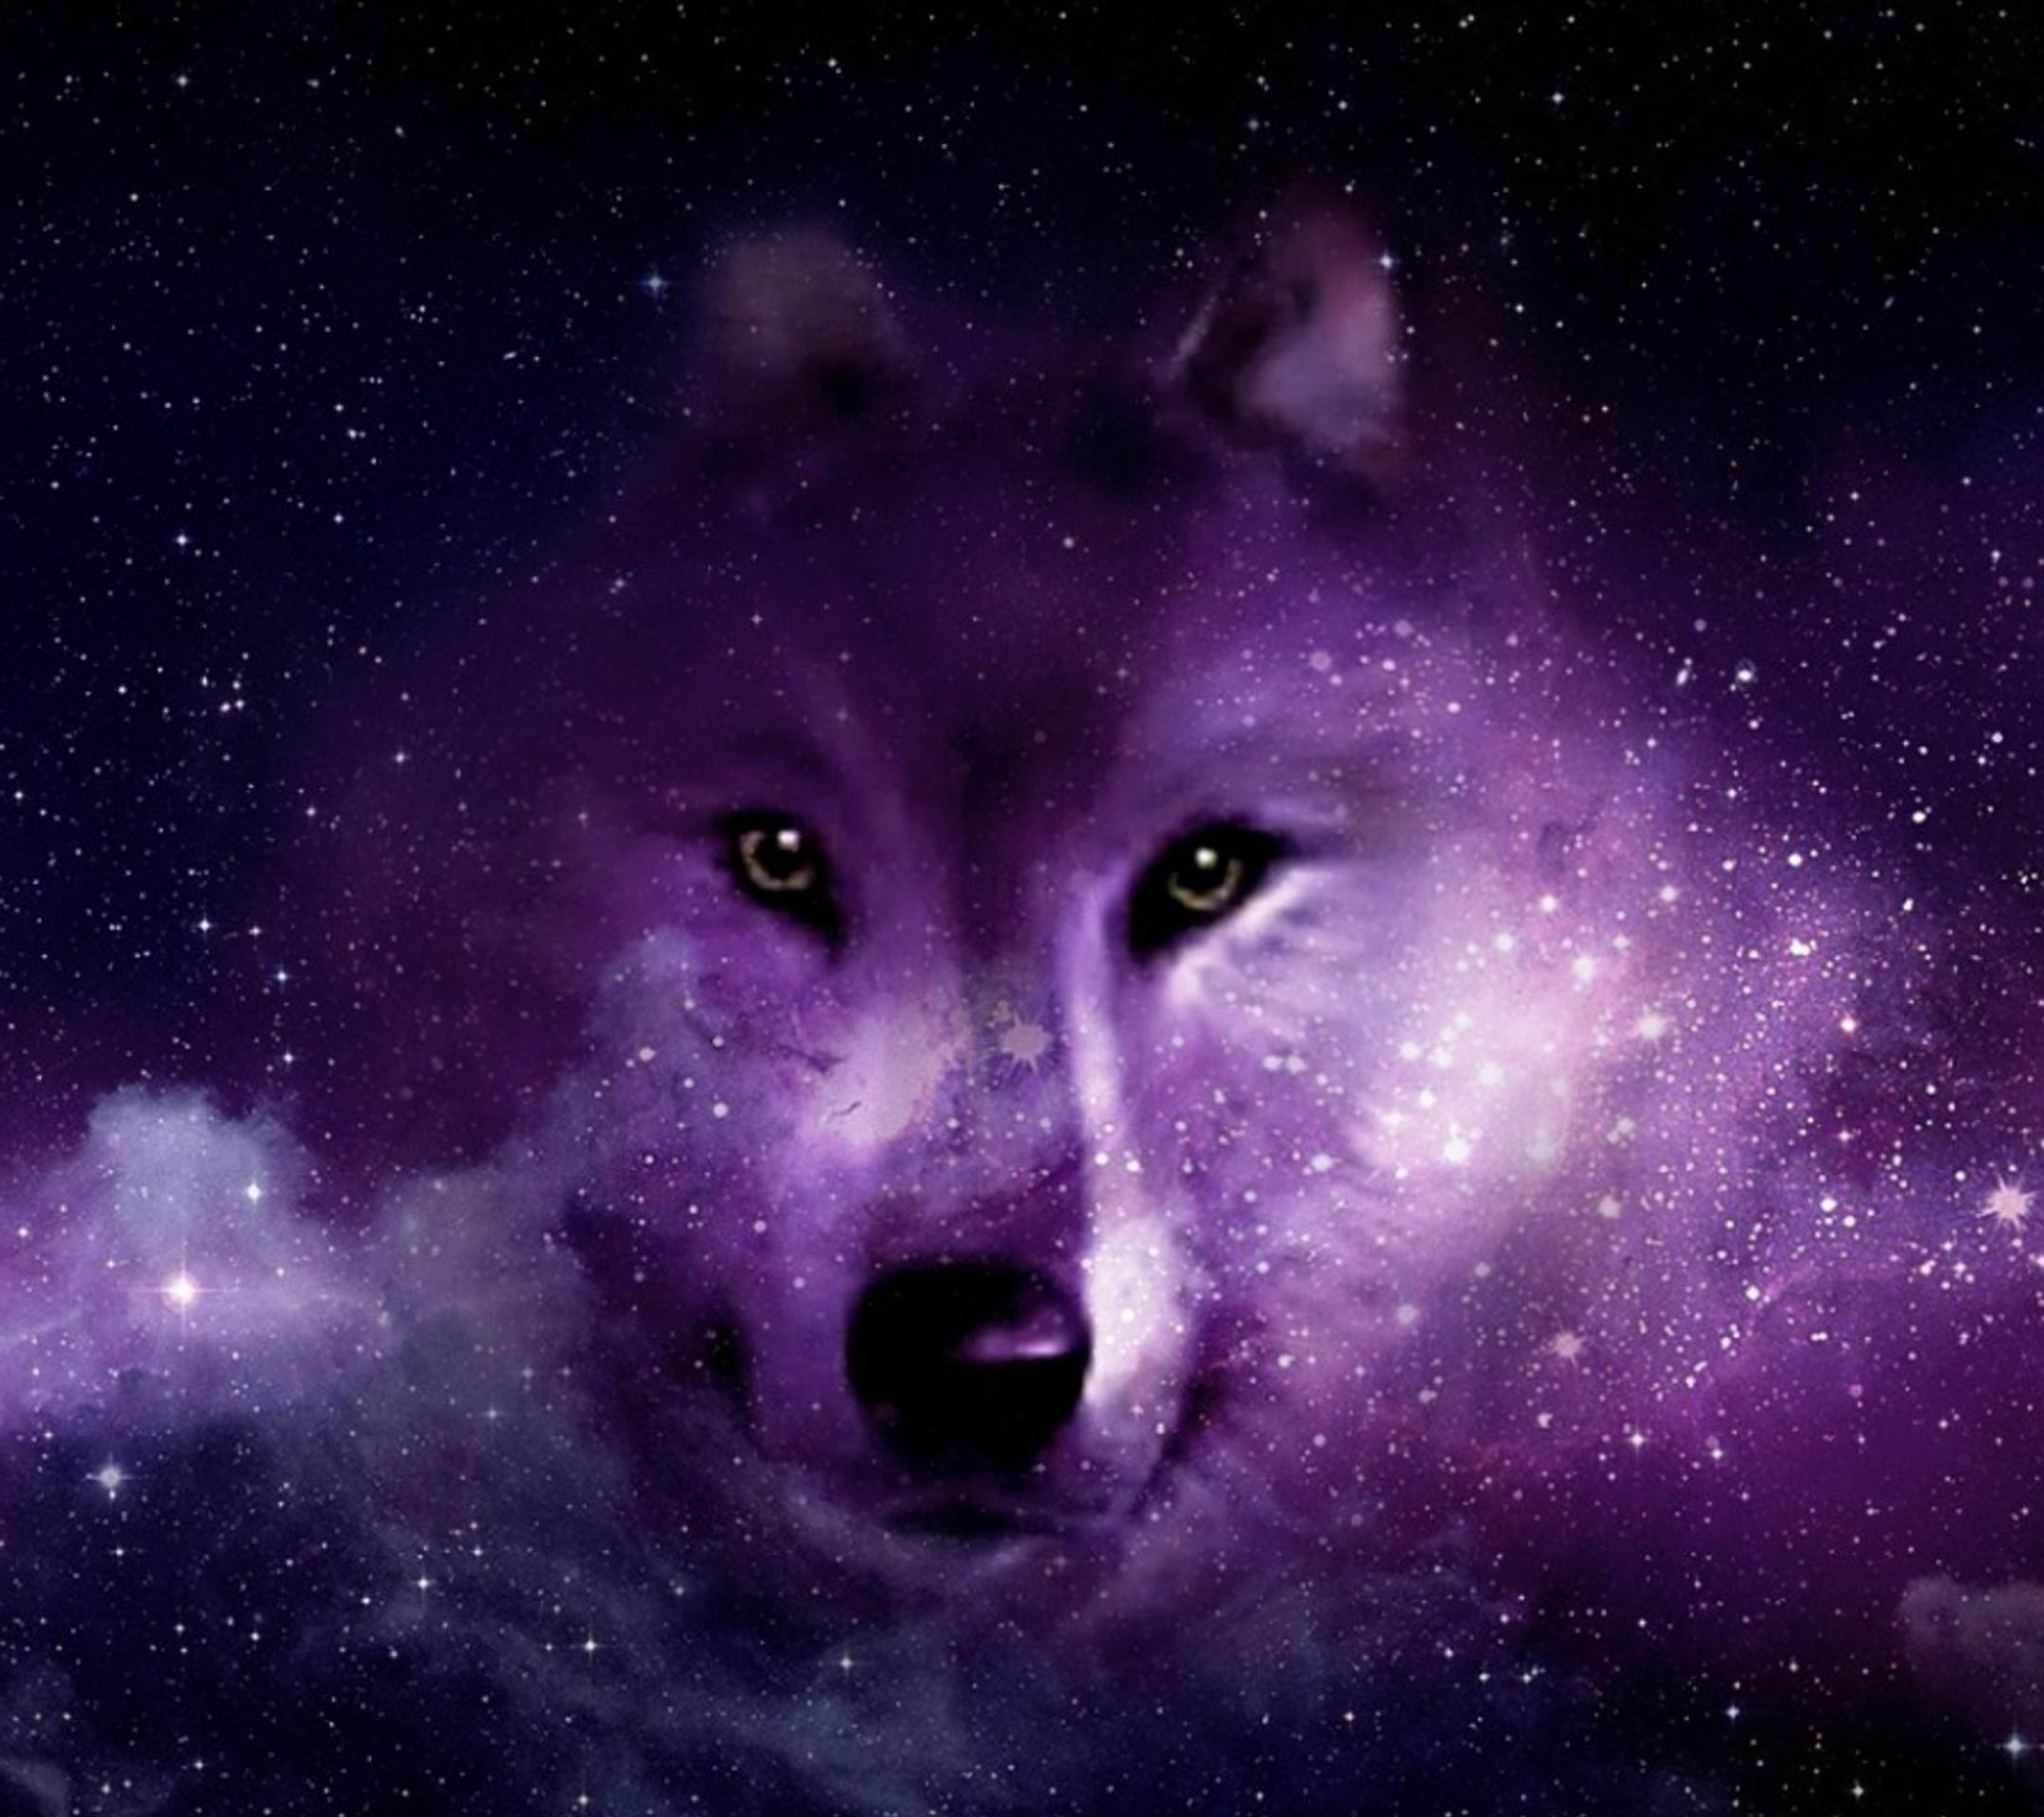 fond d'ecran galaxie